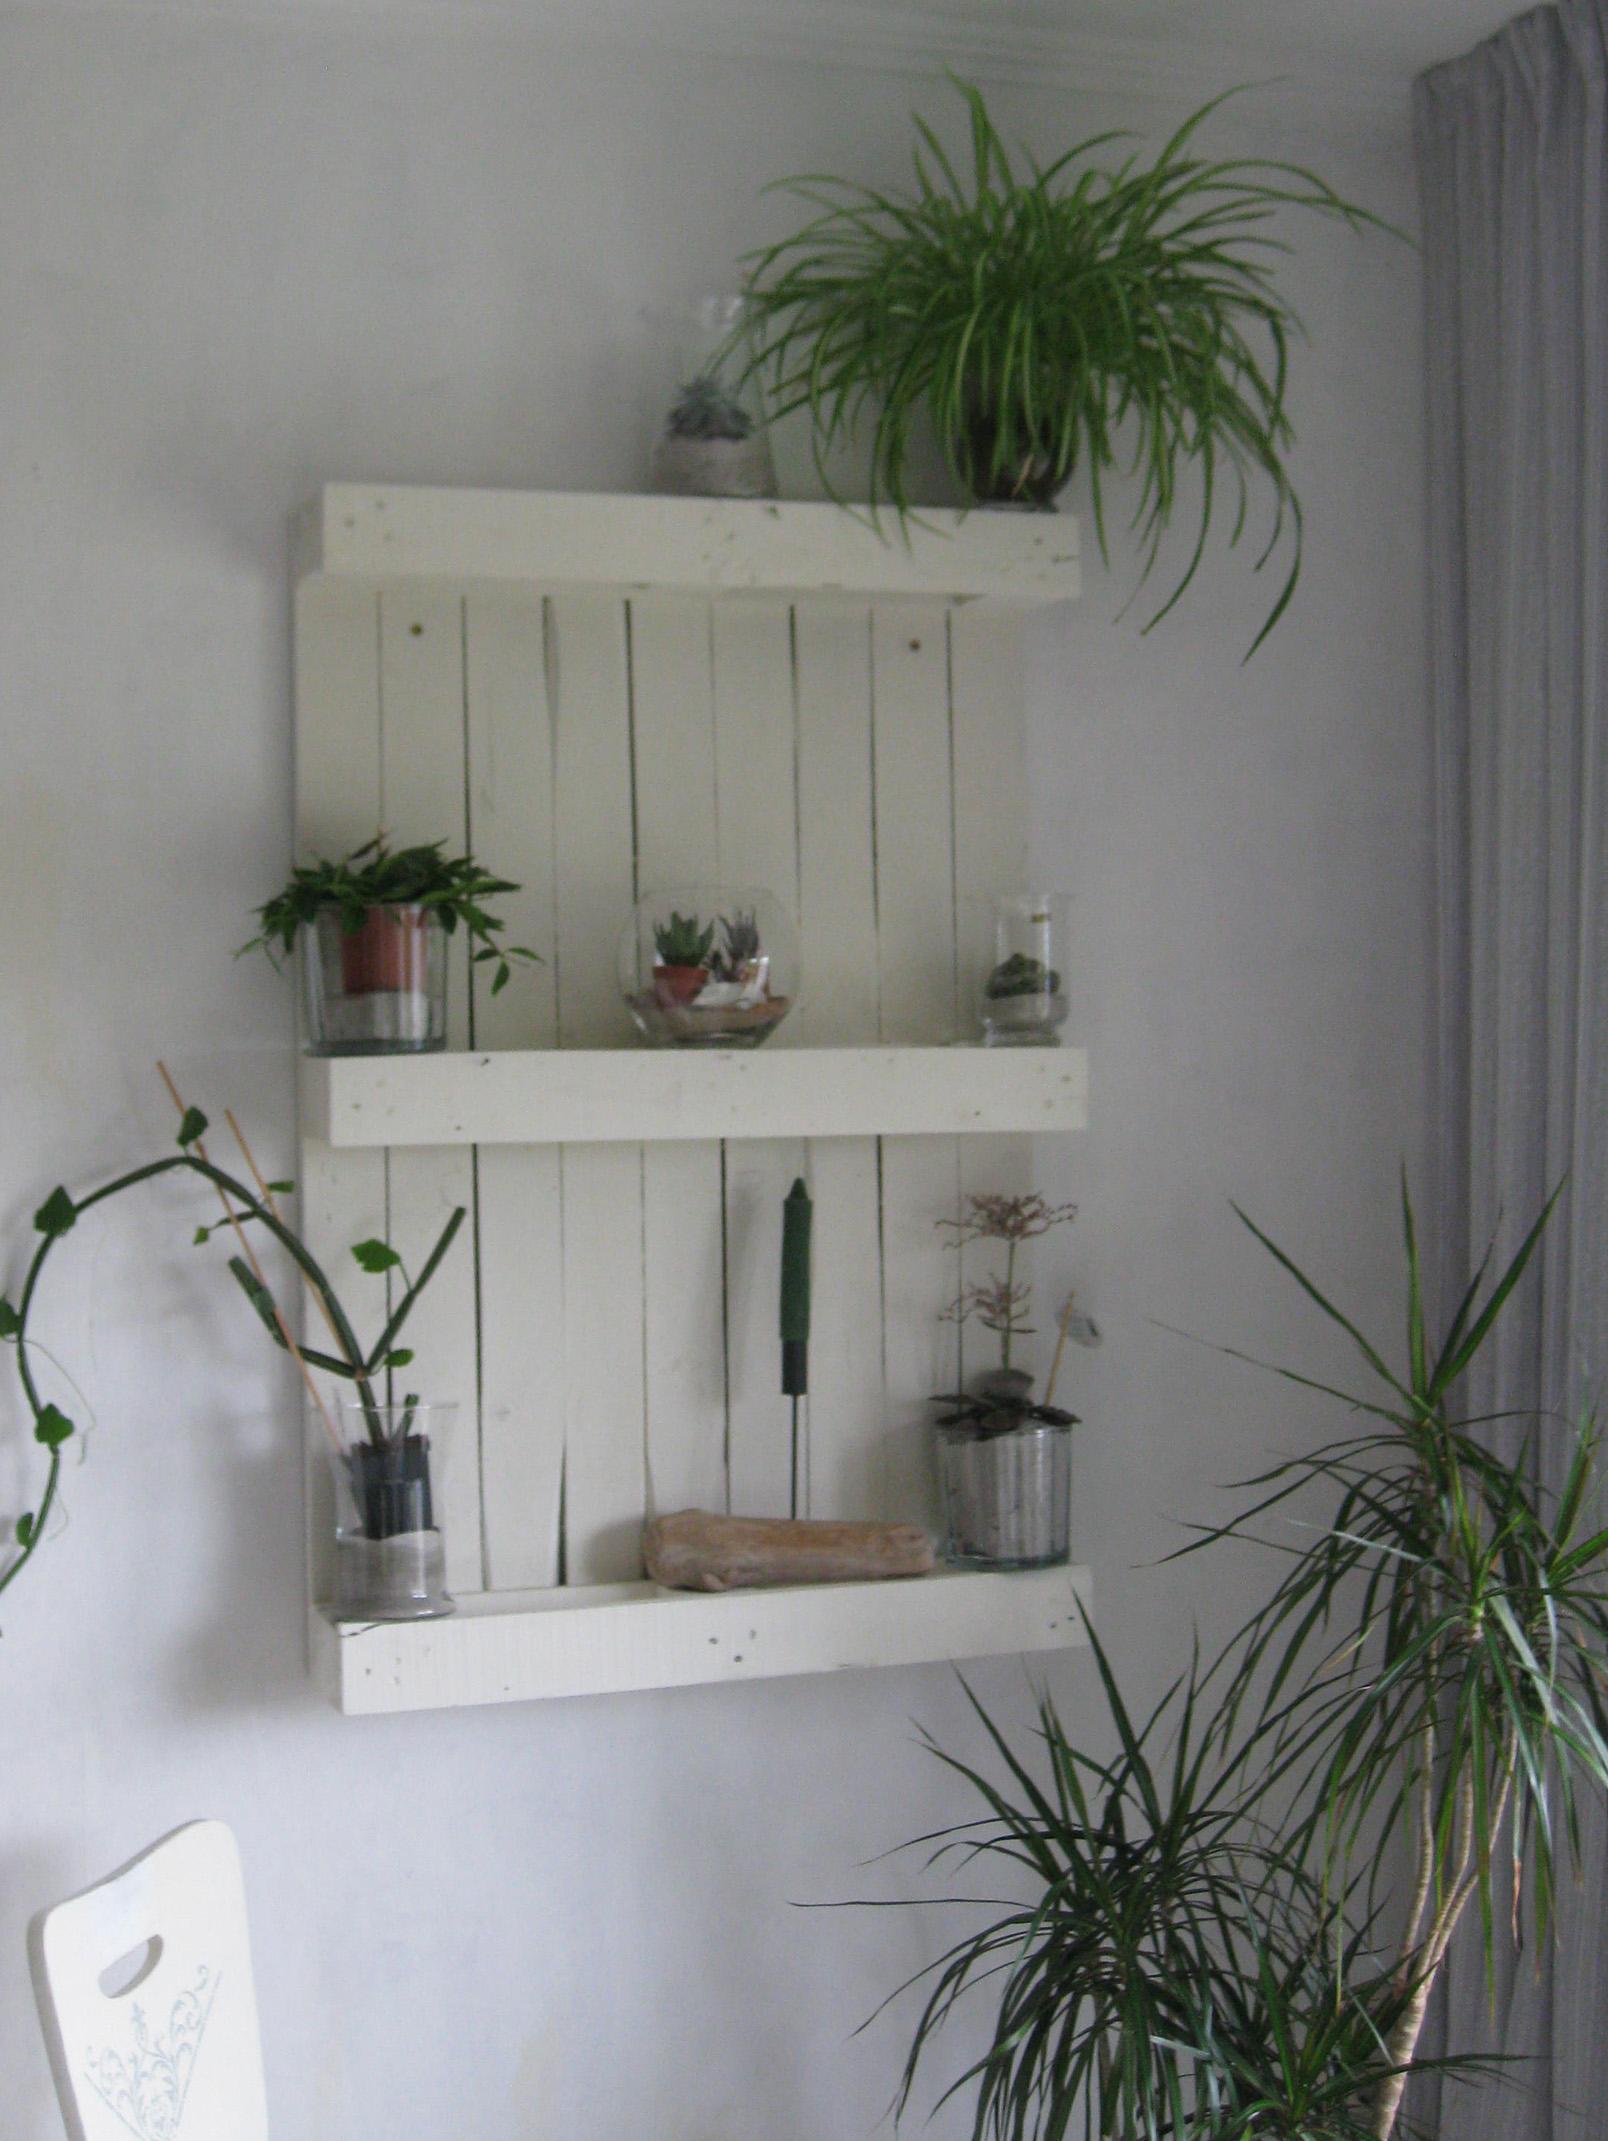 deko ideen recyclingkunst und der versuch langsam und nachhaltig zu leben. Black Bedroom Furniture Sets. Home Design Ideas